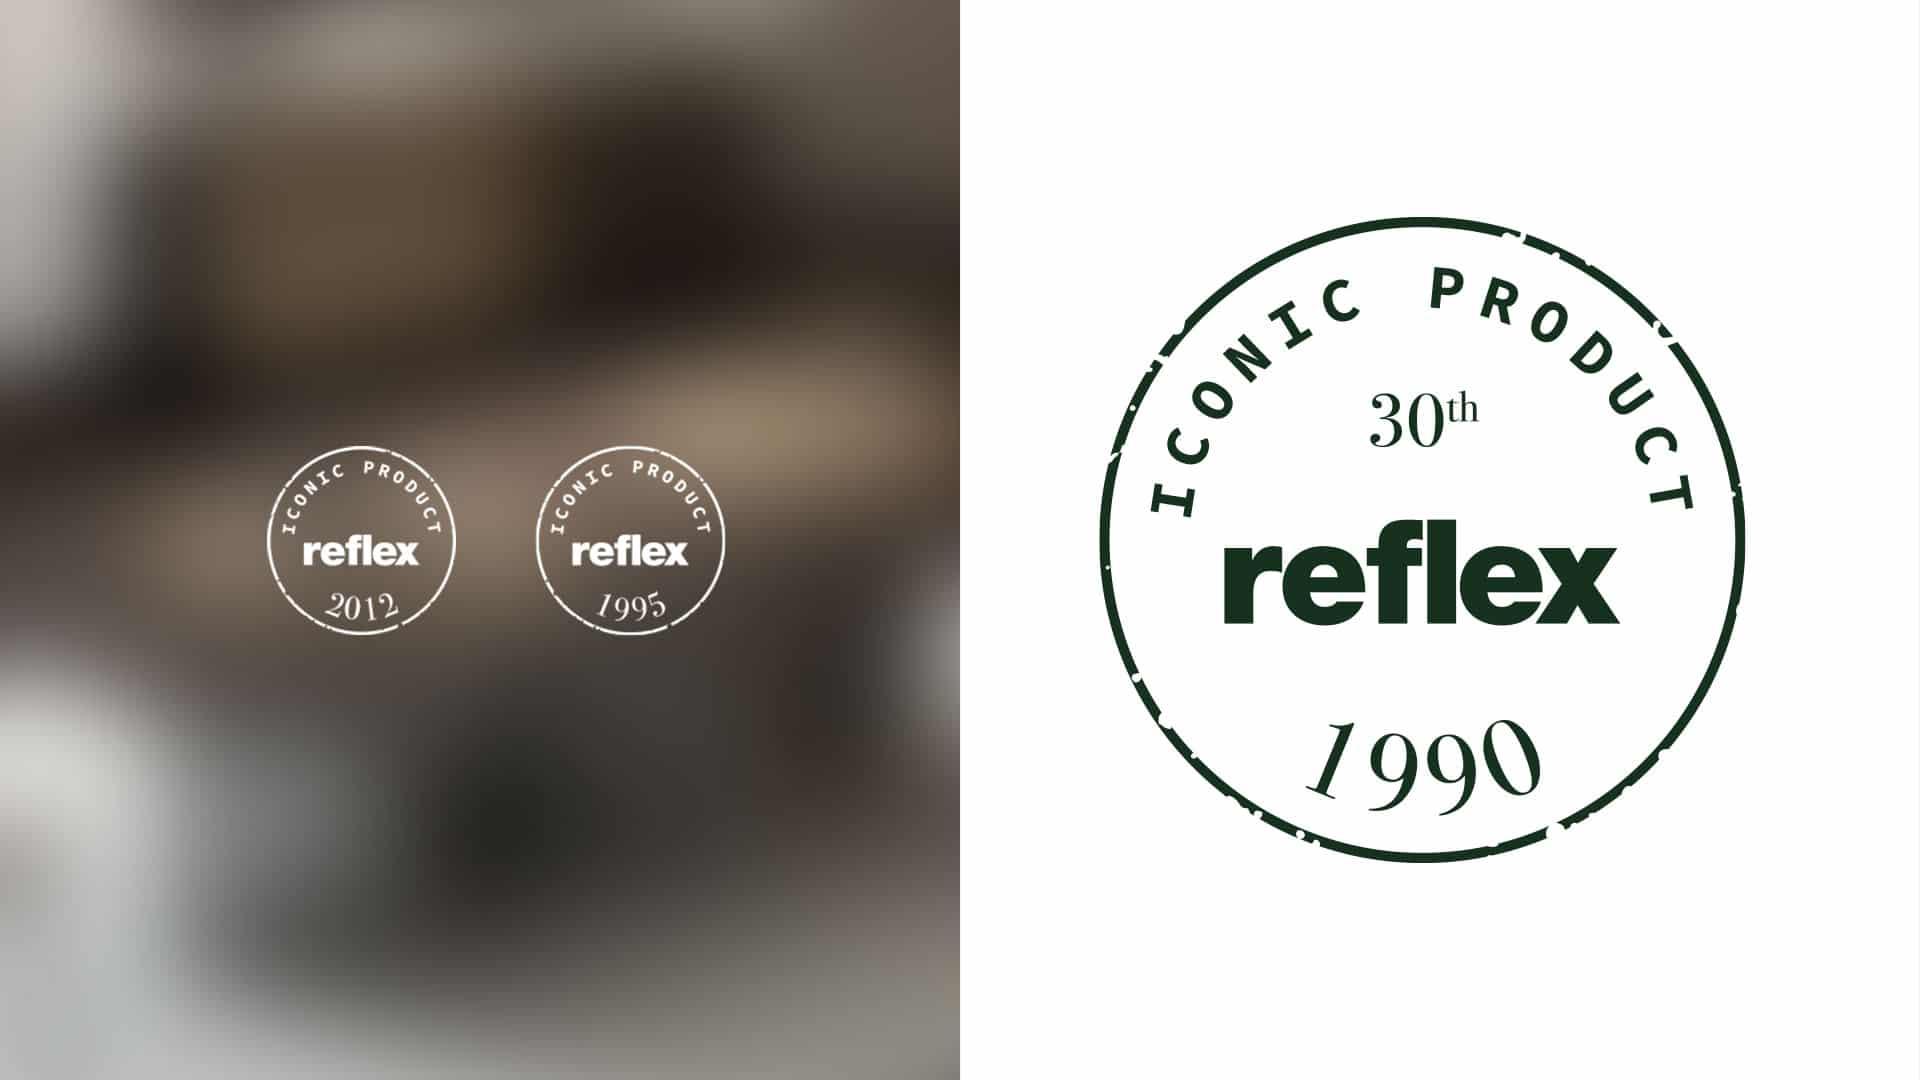 icone reflex iconic grafico milano